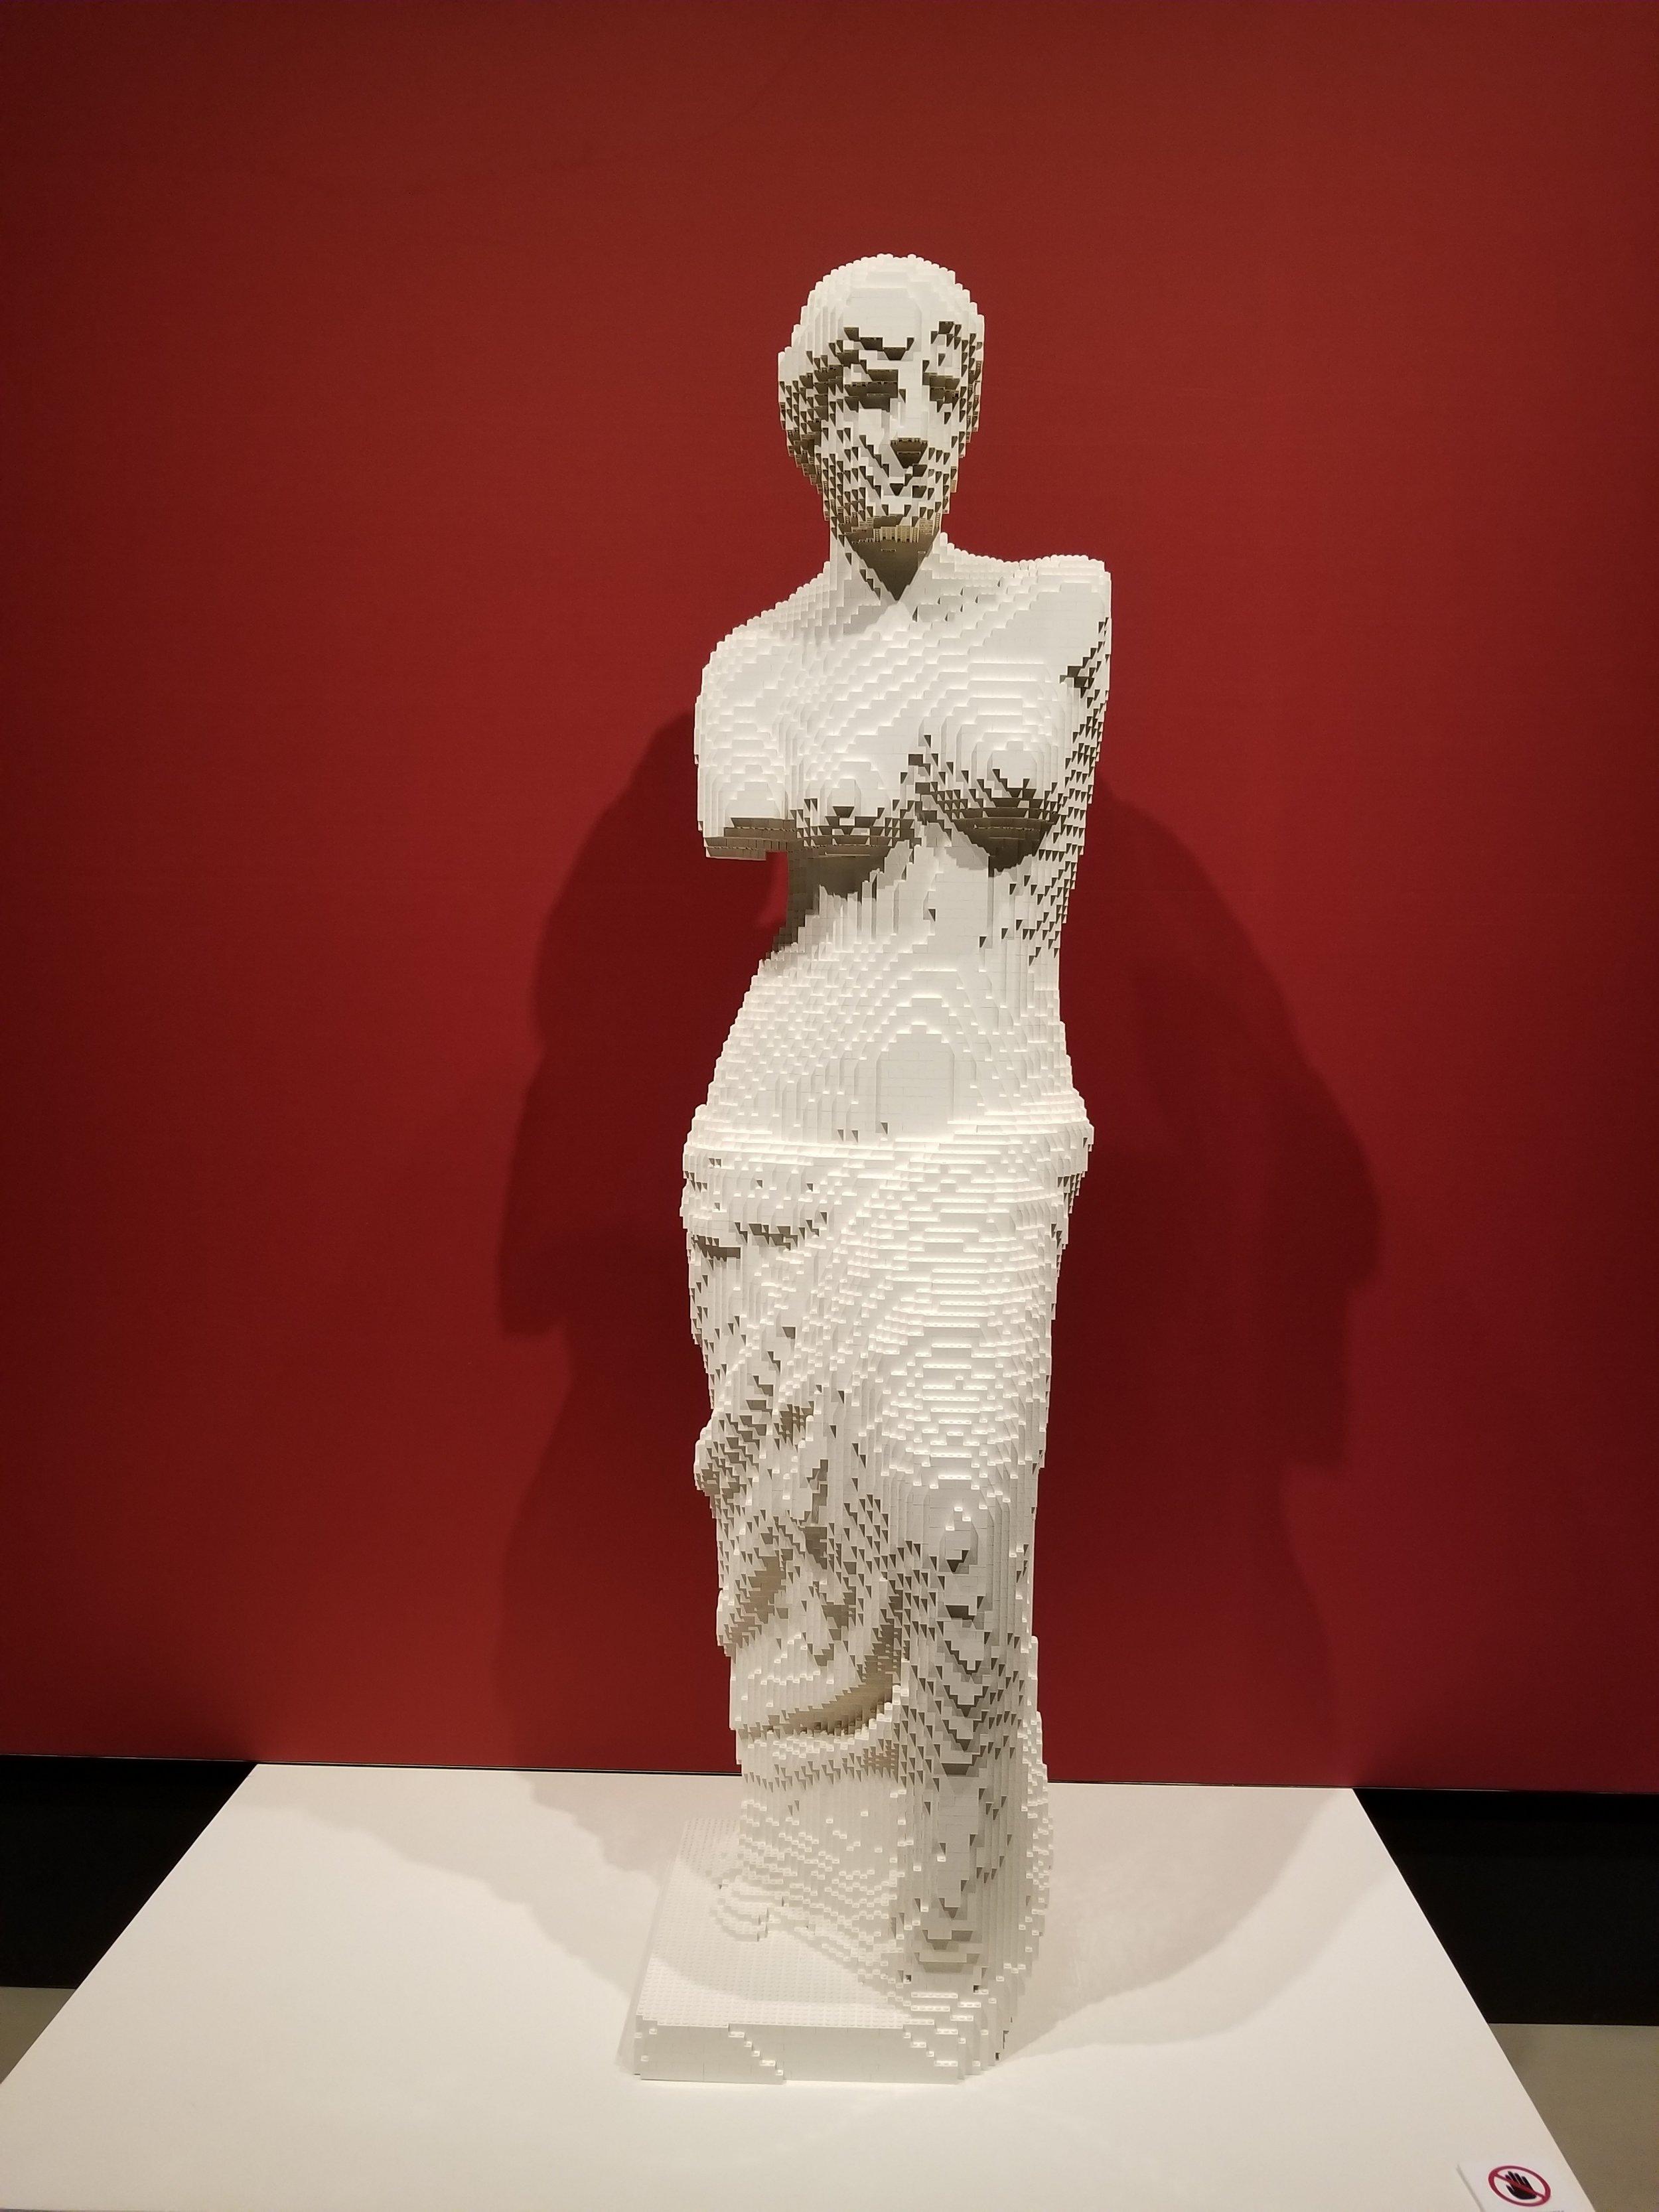 Venus de Milo - Alexandros